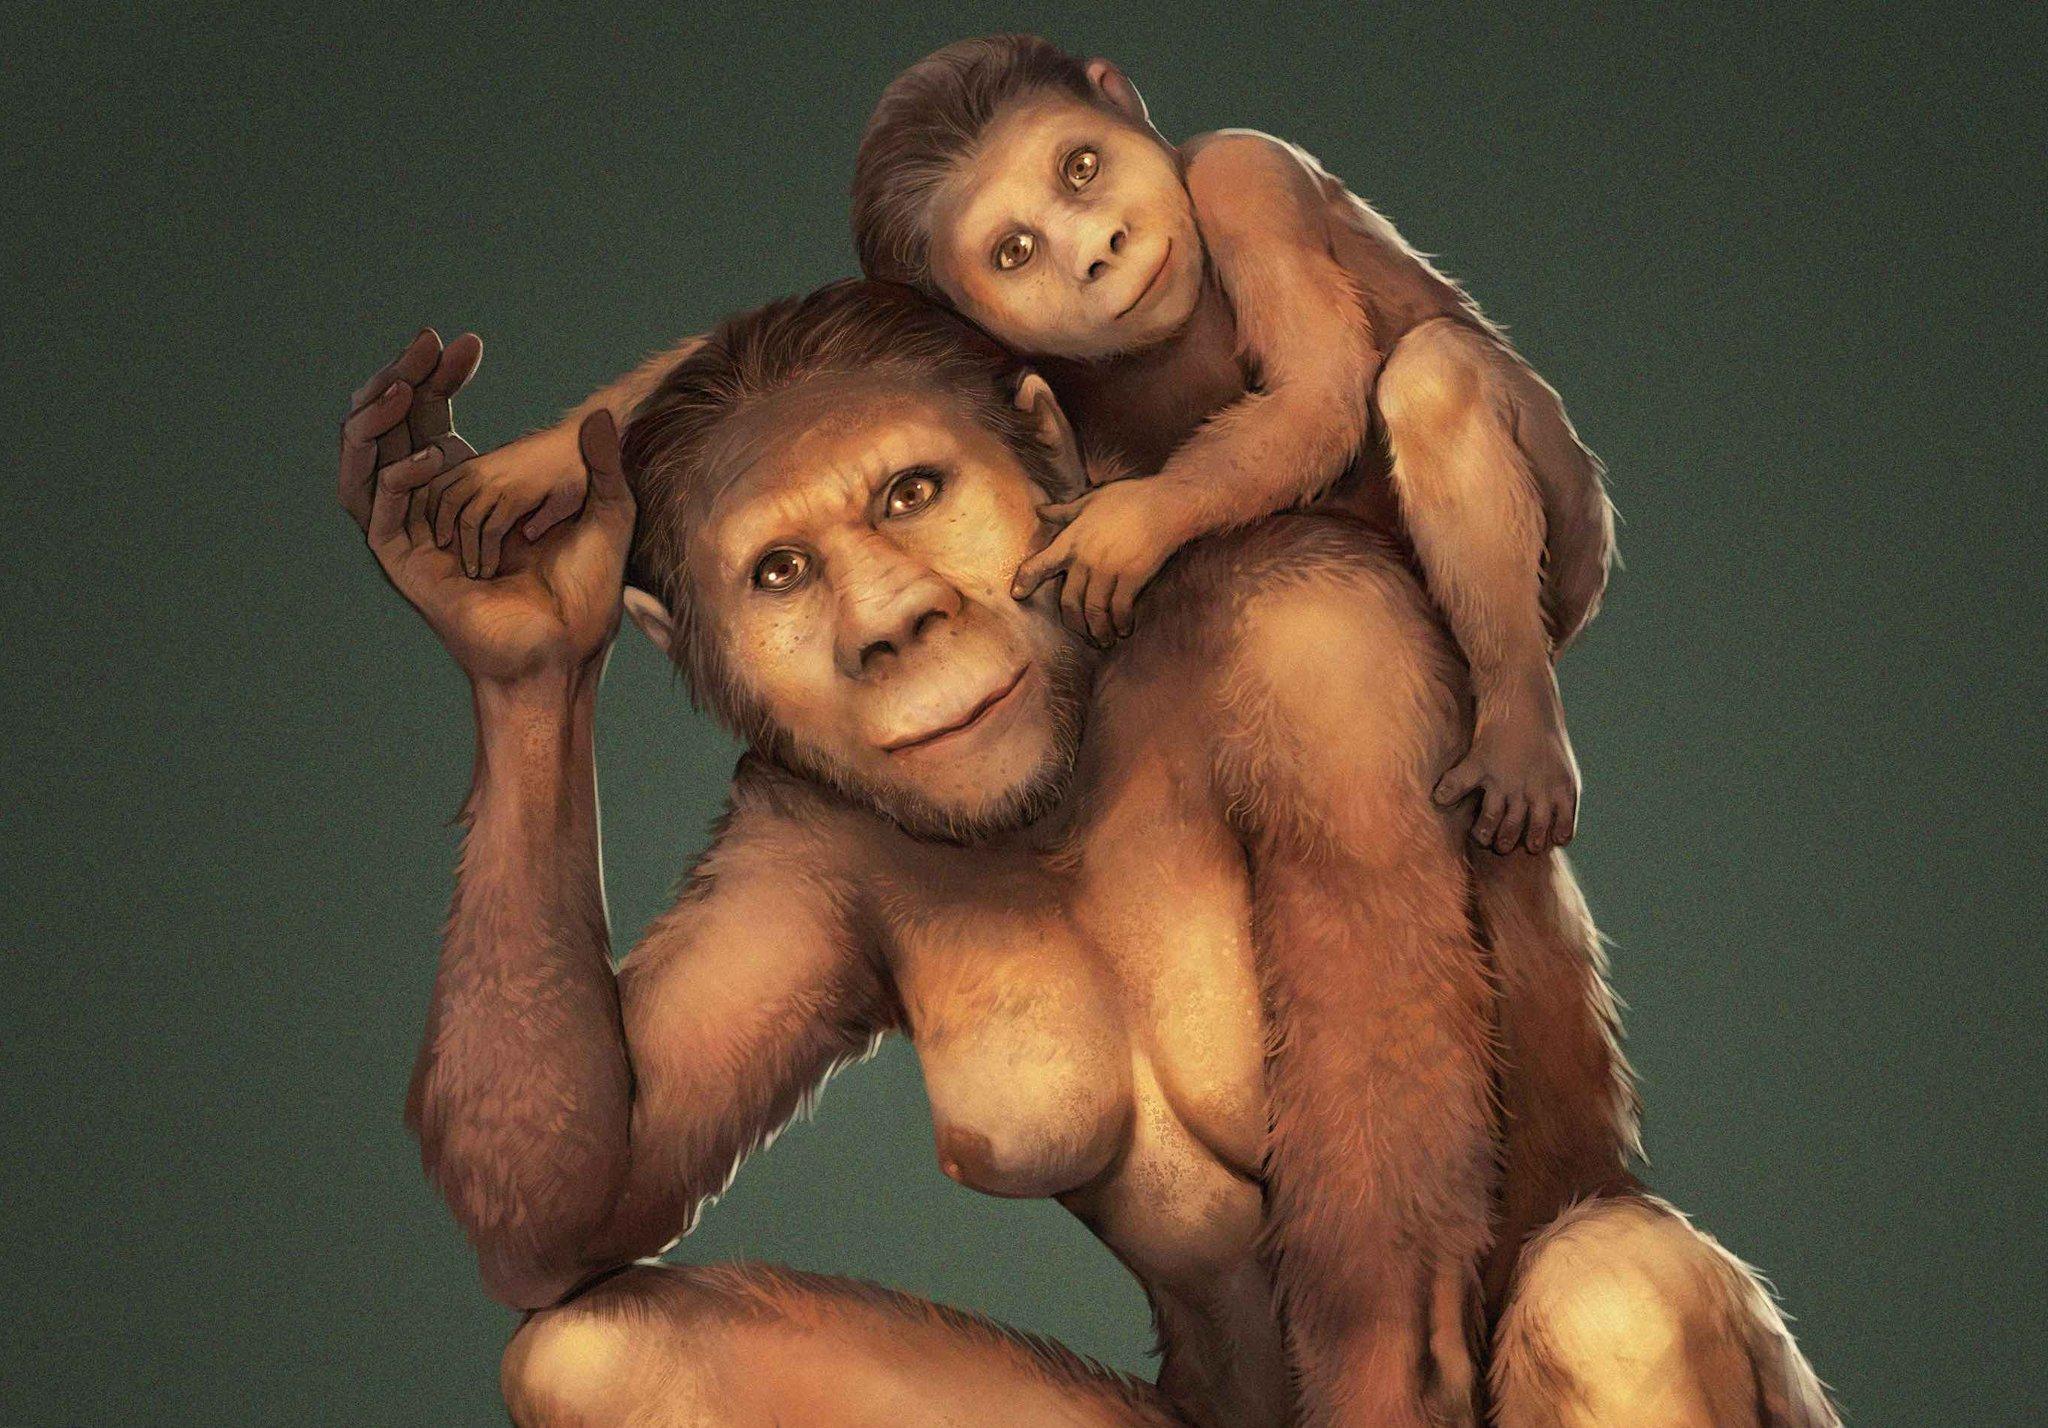 Auf dieser Zeichnung ist eine Mutter der Vormenschen-Art Australopithecus africanus zu sehen, die ihr Kind auf der linken Schulter trägt. Anhand von Zahnanalysen fanden Forscher heraus, dass die Mütter dieser Art ihre Kinder etwa ein Jahr lang stillten, ihnen aber auch später noch in Notzeiten Milch gaben